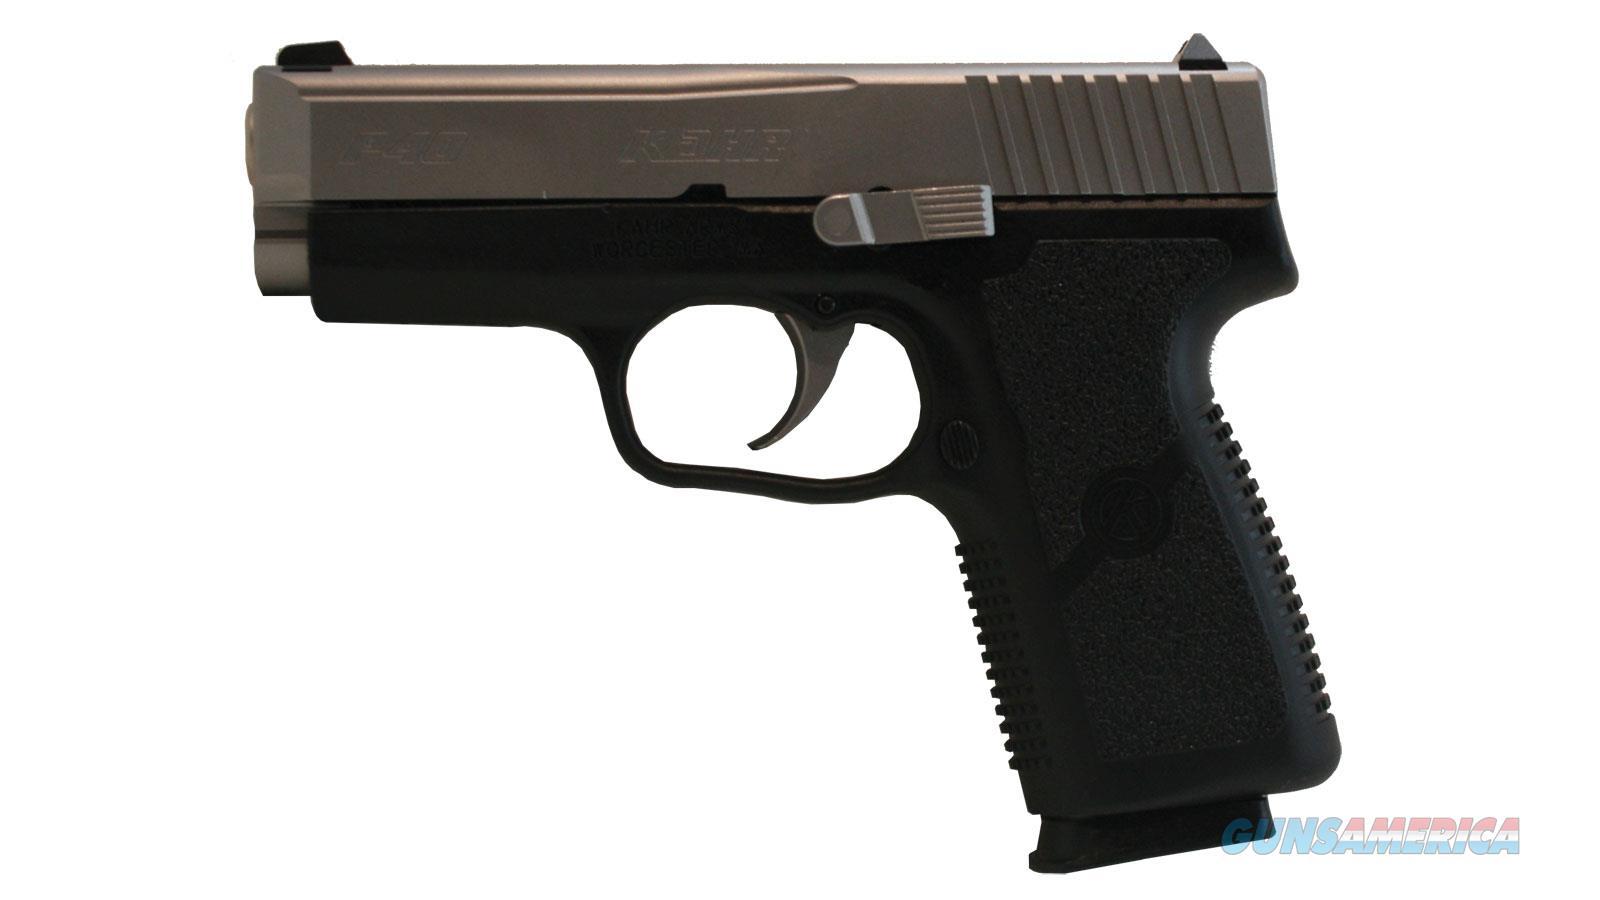 Kahr Arms P40 40Sw 3.5 Ss Blk Poly 6Rd Ca Legal KP4043A  Guns > Pistols > K Misc Pistols